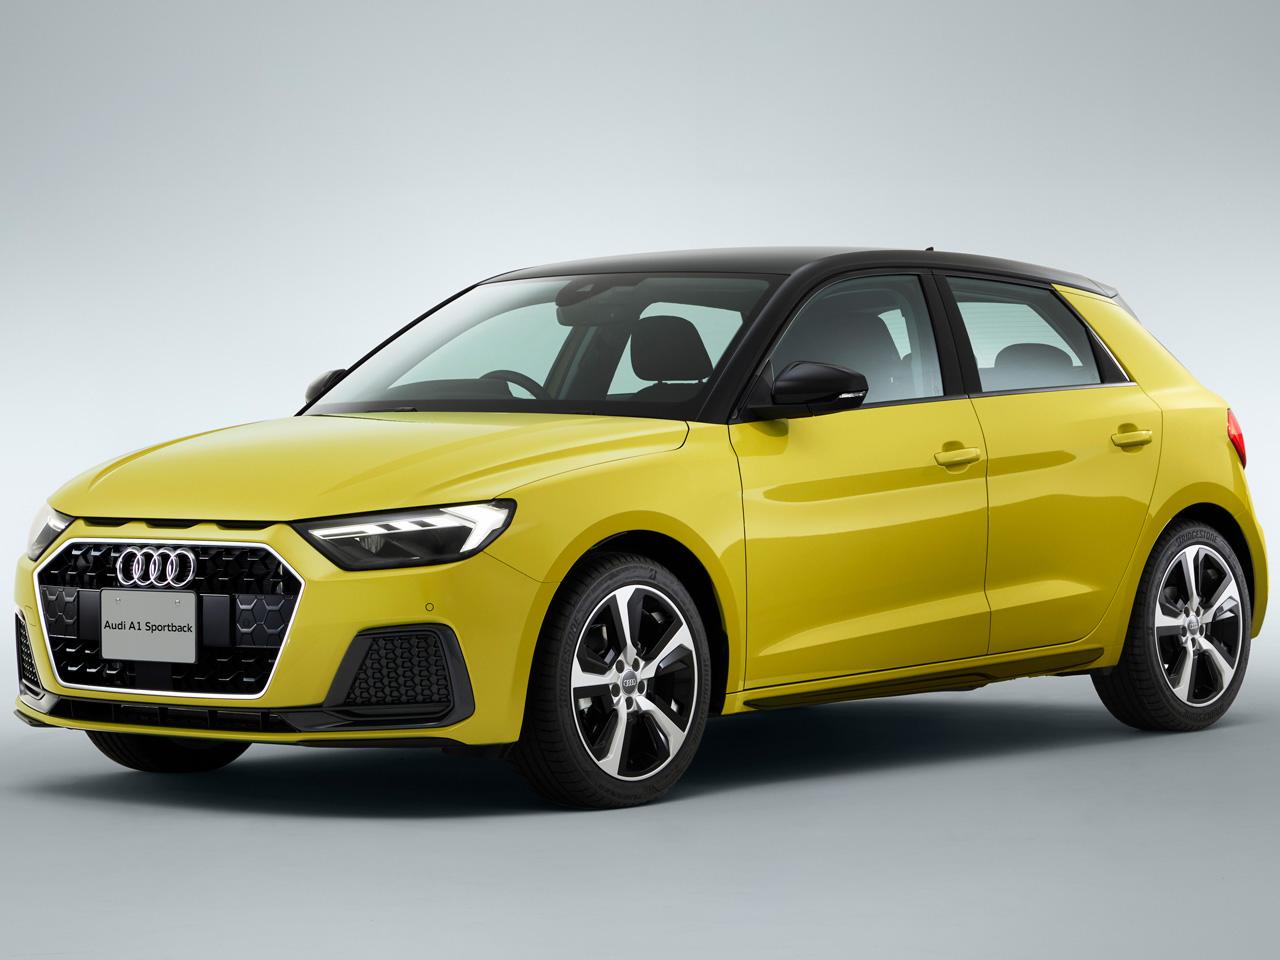 アウディ A1 スポーツバック 2019年モデル 新車画像